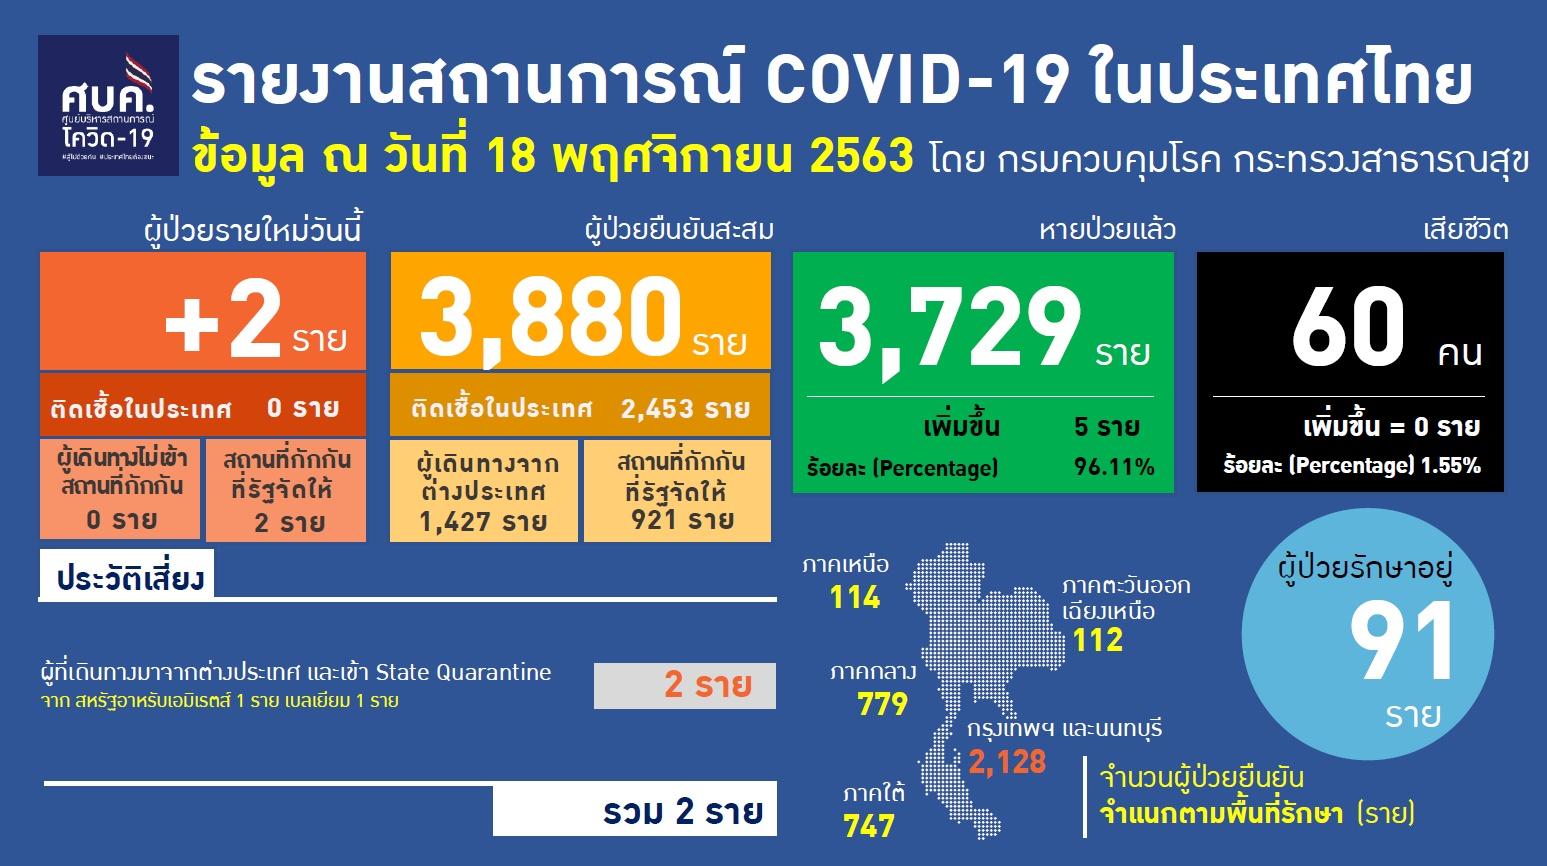 รายงานข้อมูลสถานการณ์การติดเชื้อโควิด-19 ณ วันพุธที่ 18 พฤศจิกายน 2563